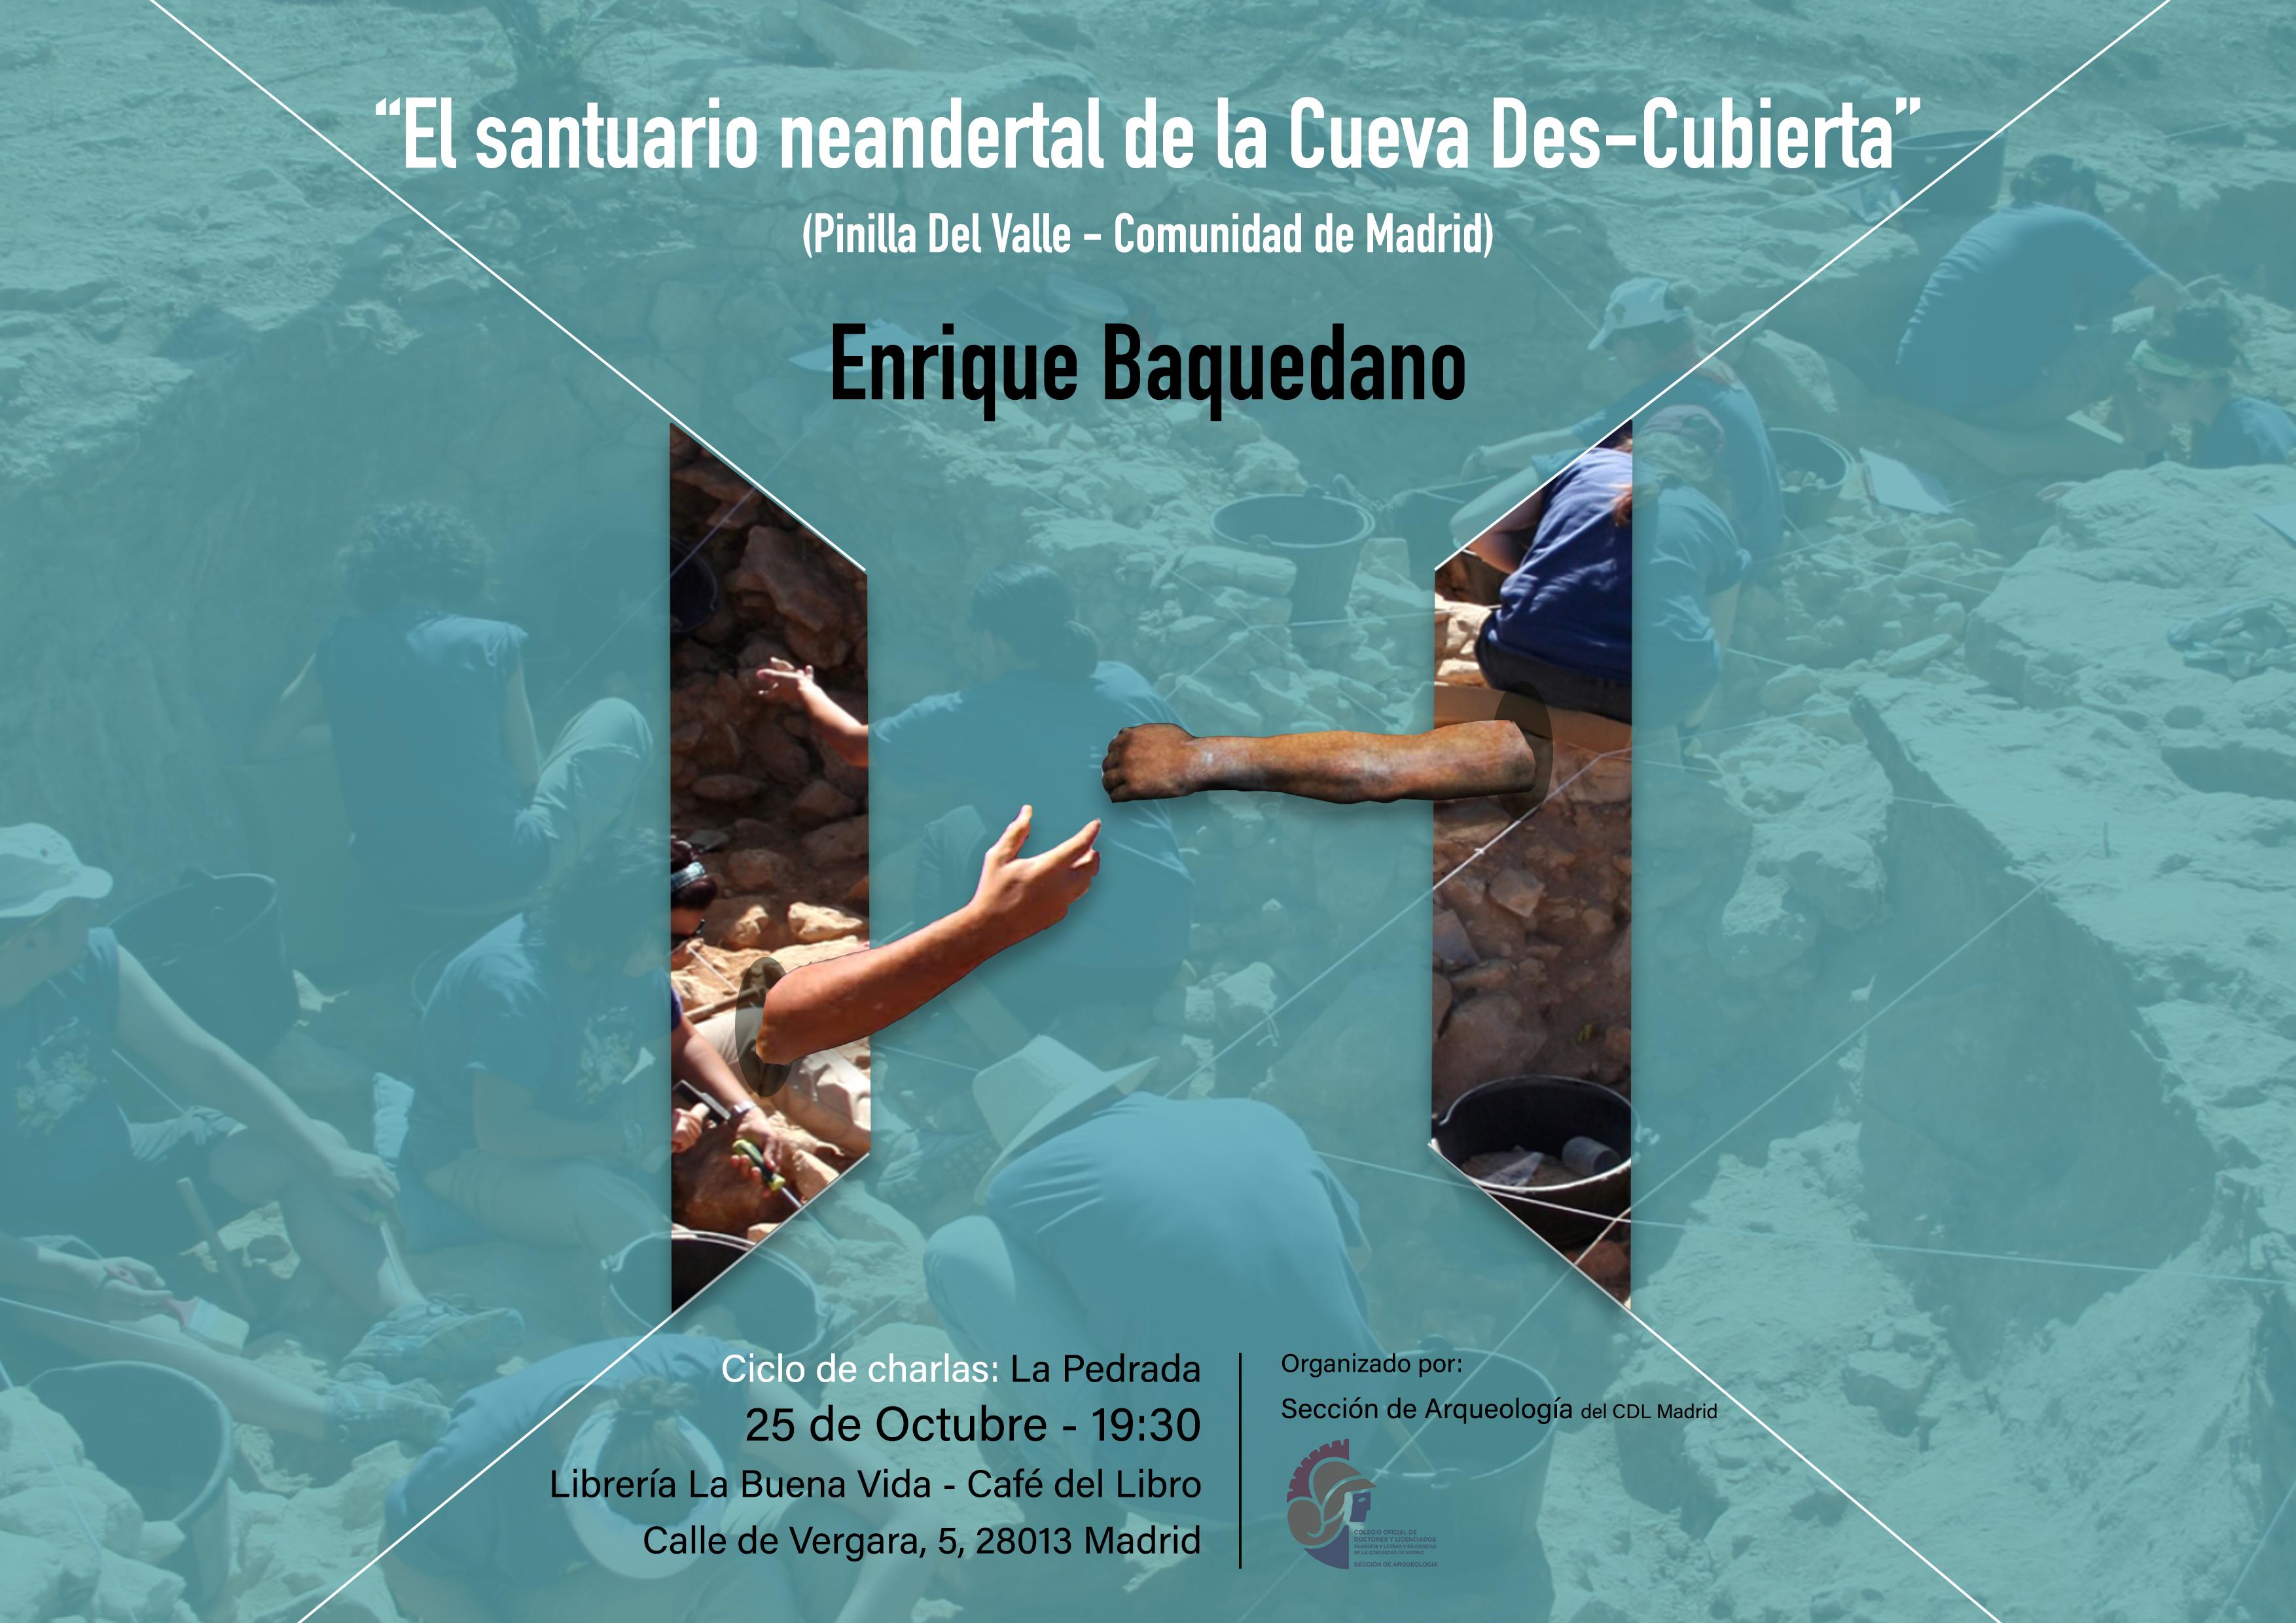 El santuario neandertal de la Cueva Des-Cubierta